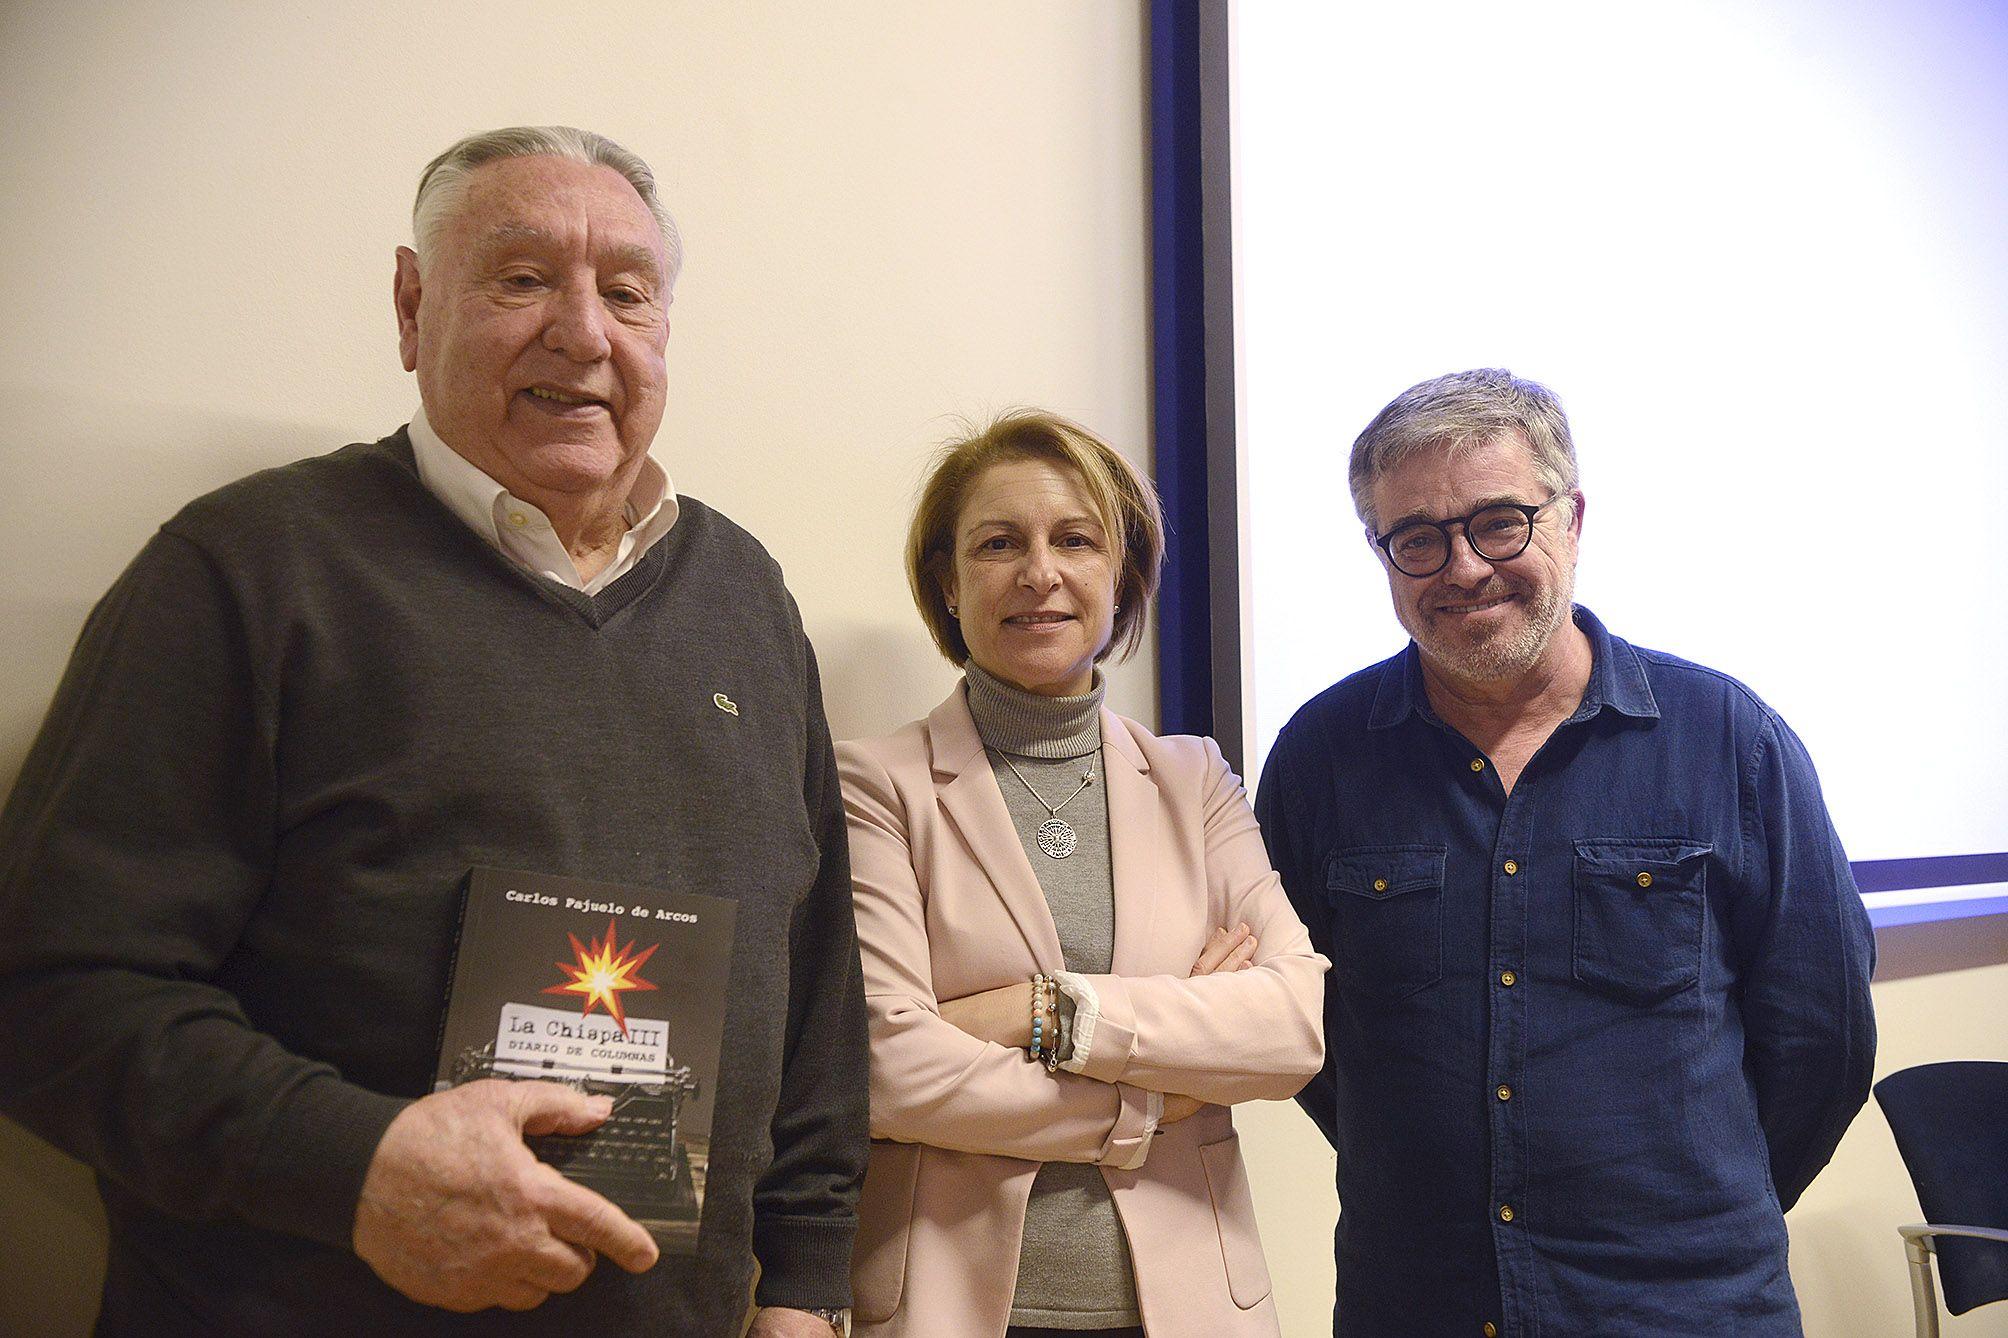 """Carlos Pajuelo, Rosa Visiedo y Sergi González, en la presentación de """"La Chispa III""""."""